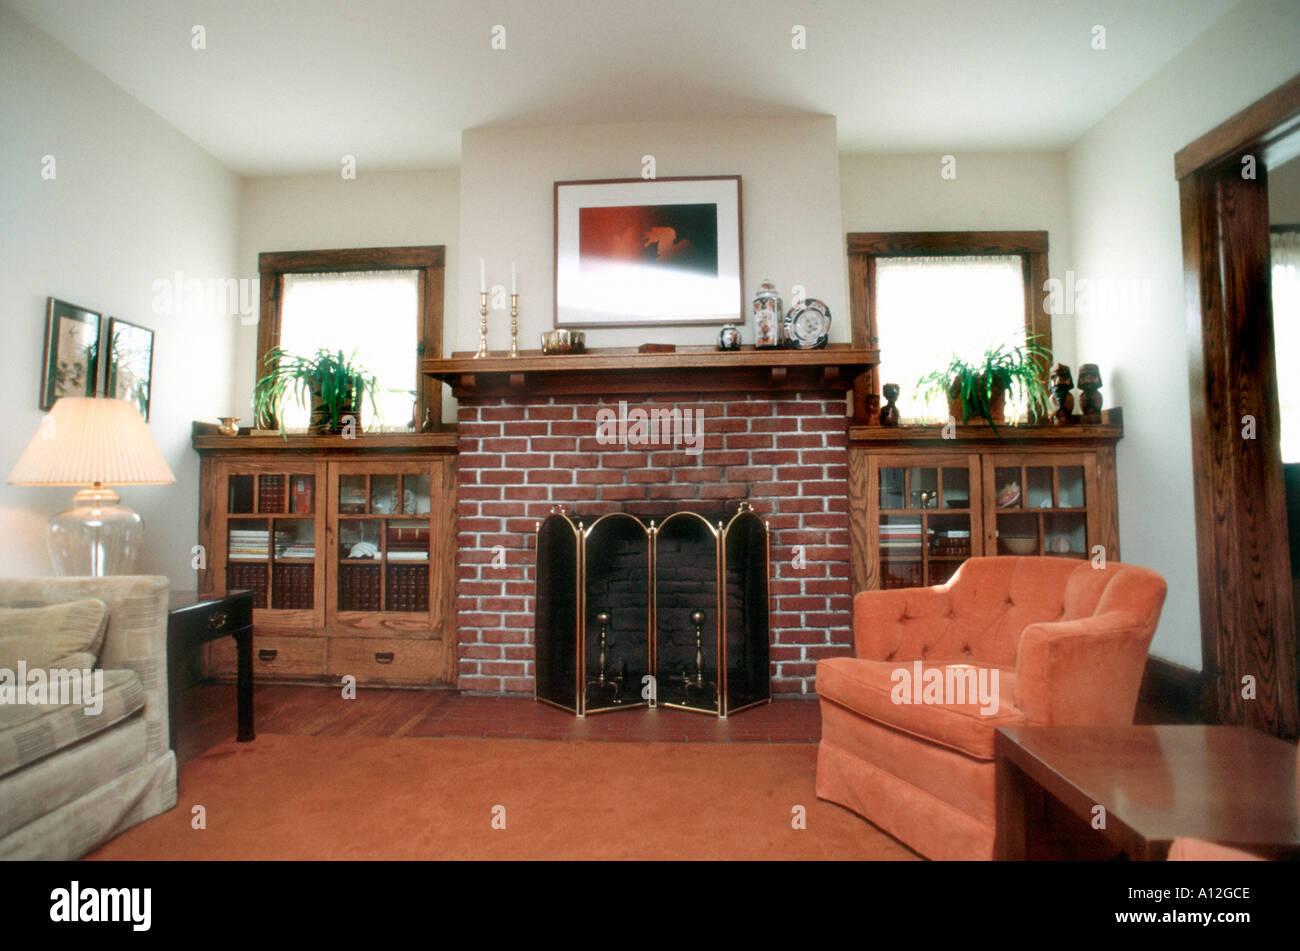 Gli investimenti USA abitazioni americane 'Single Family House' interno soggiorno, caminetto in mattoni Immagini Stock